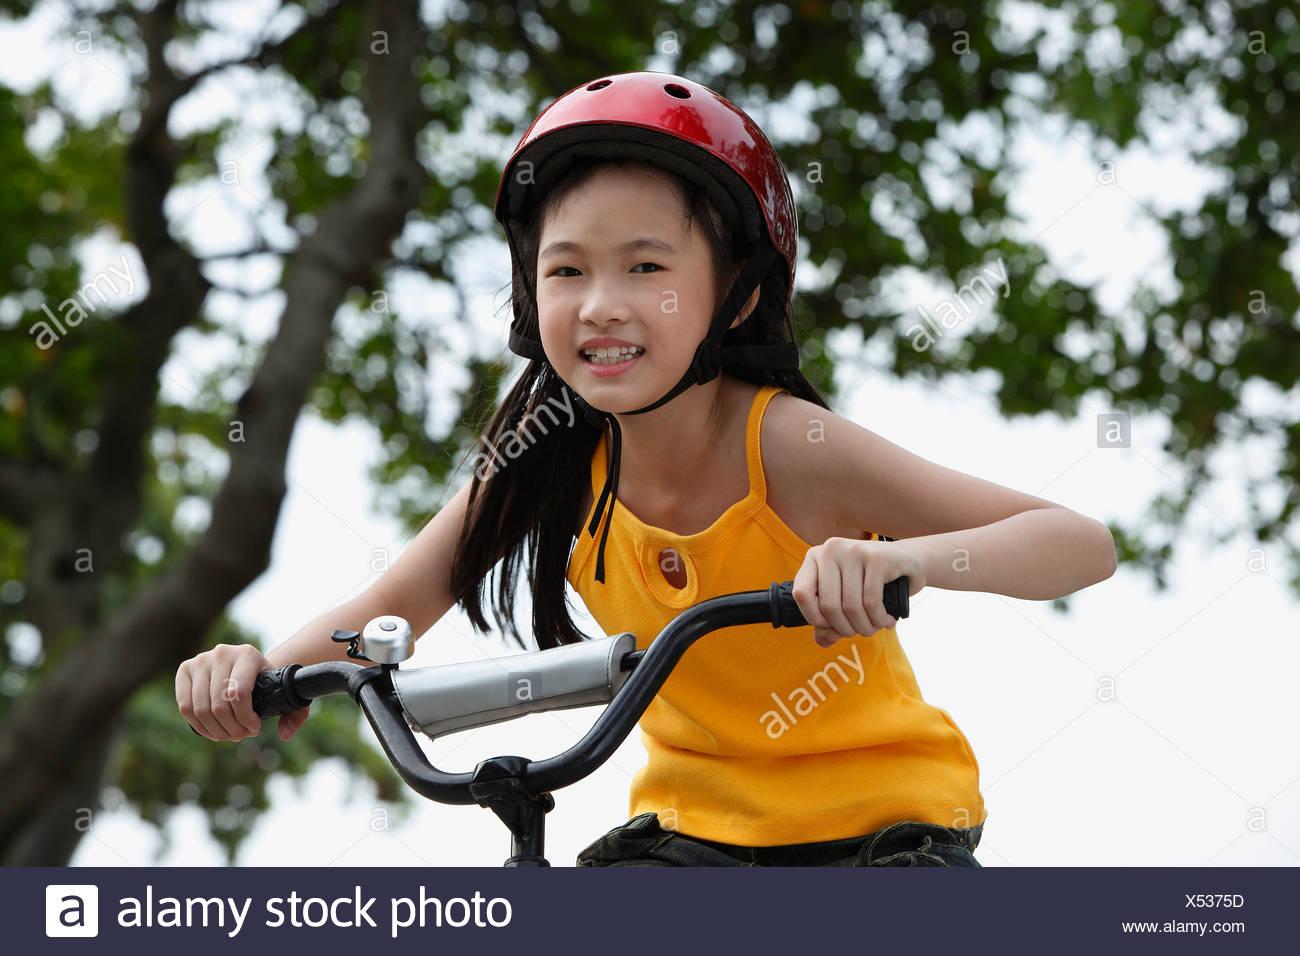 Joven montando bicicleta Imagen De Stock